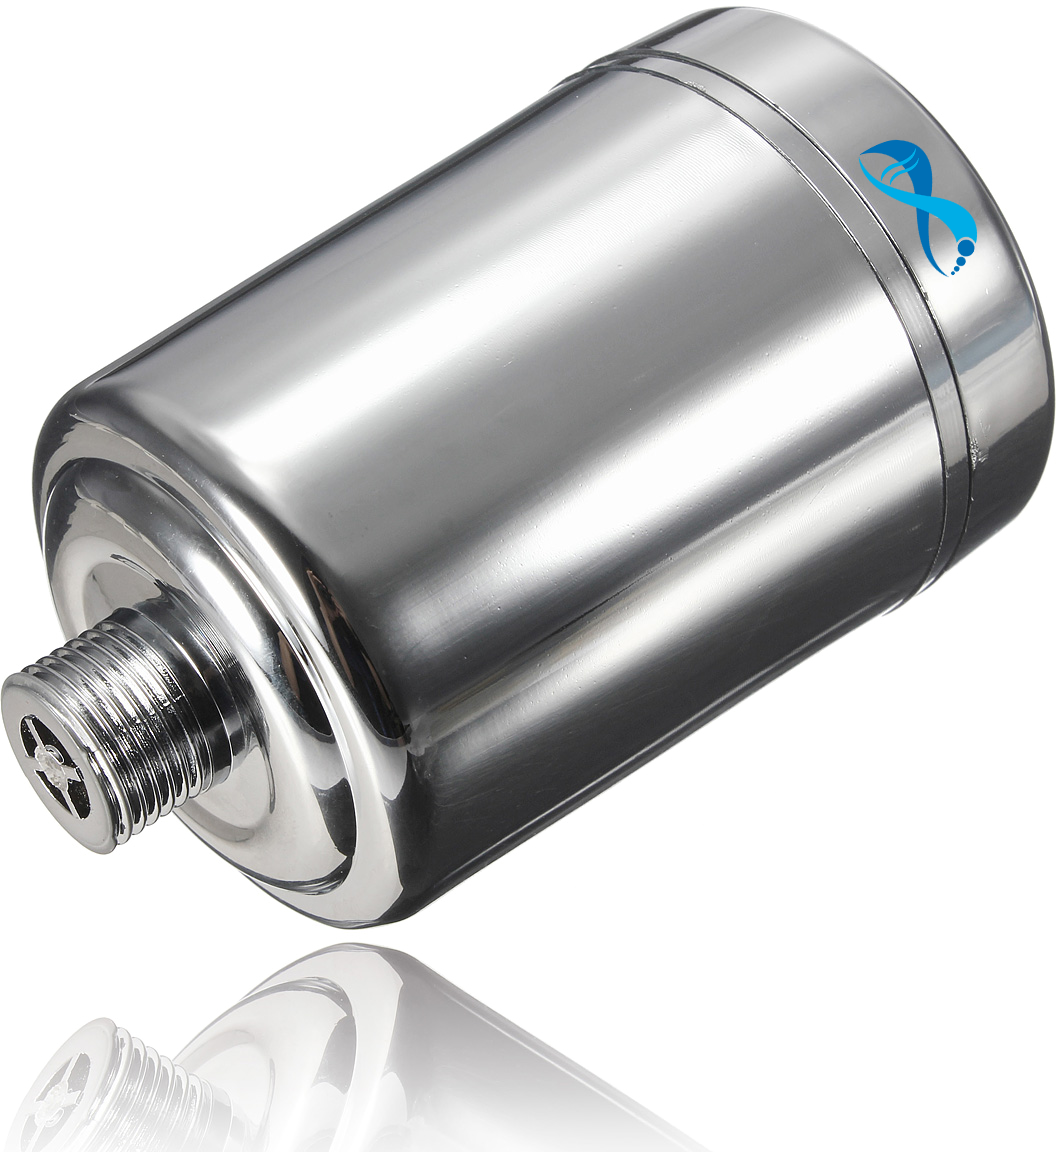 6-Stage Shower Filter